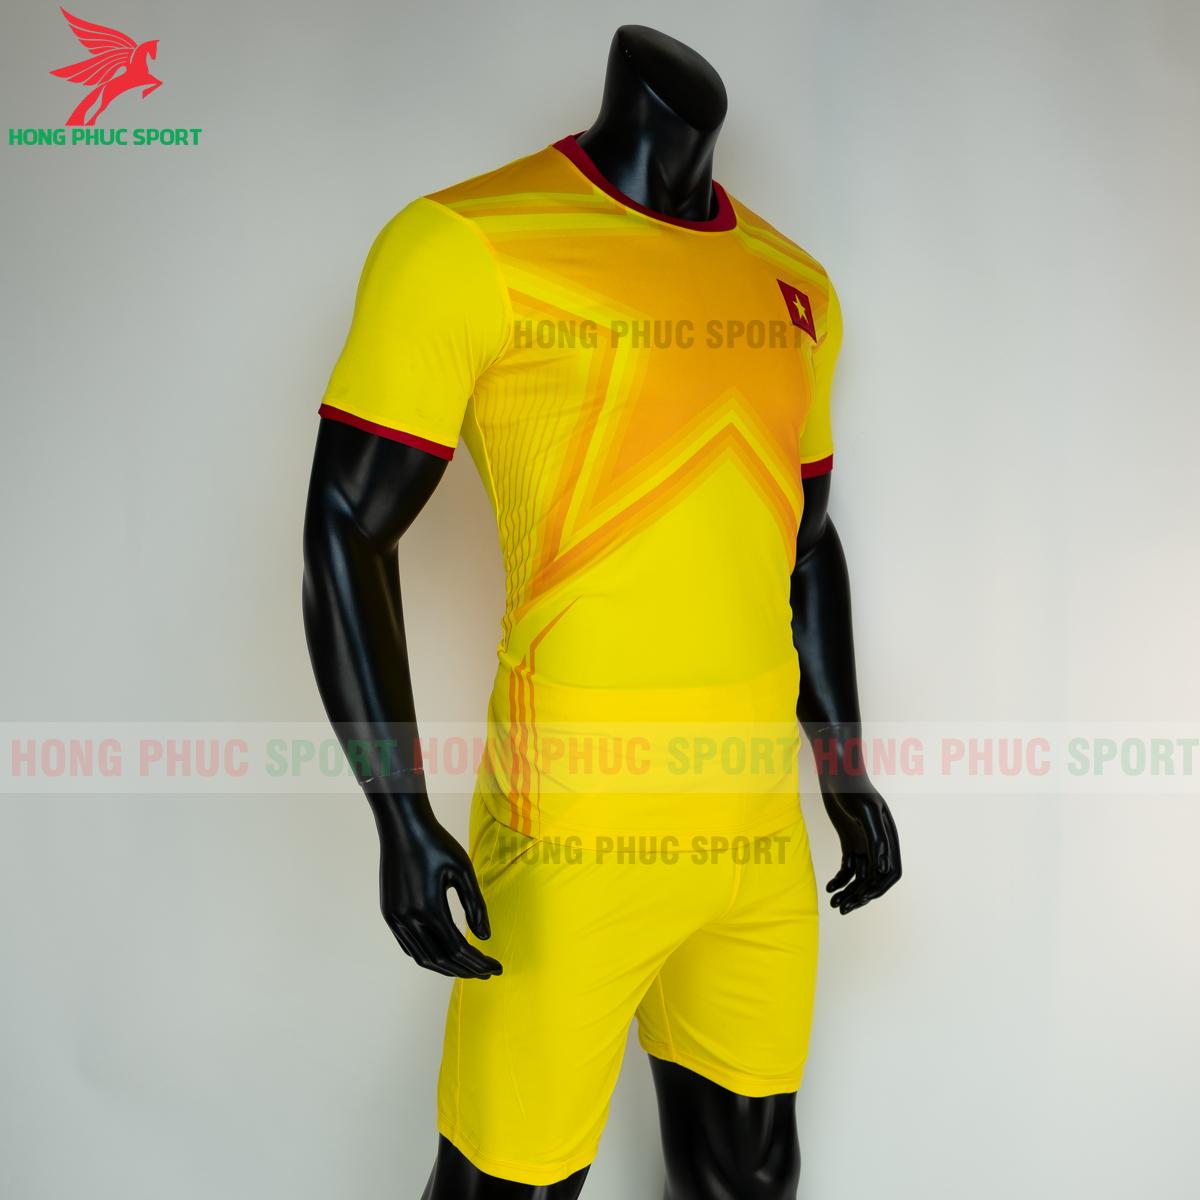 https://cdn.hongphucsport.com/unsafe/s4.shopbay.vn/files/285/ao-bong-da-thu-mon-viet-nam-2021-san-khach-6-605039663b8bc.png